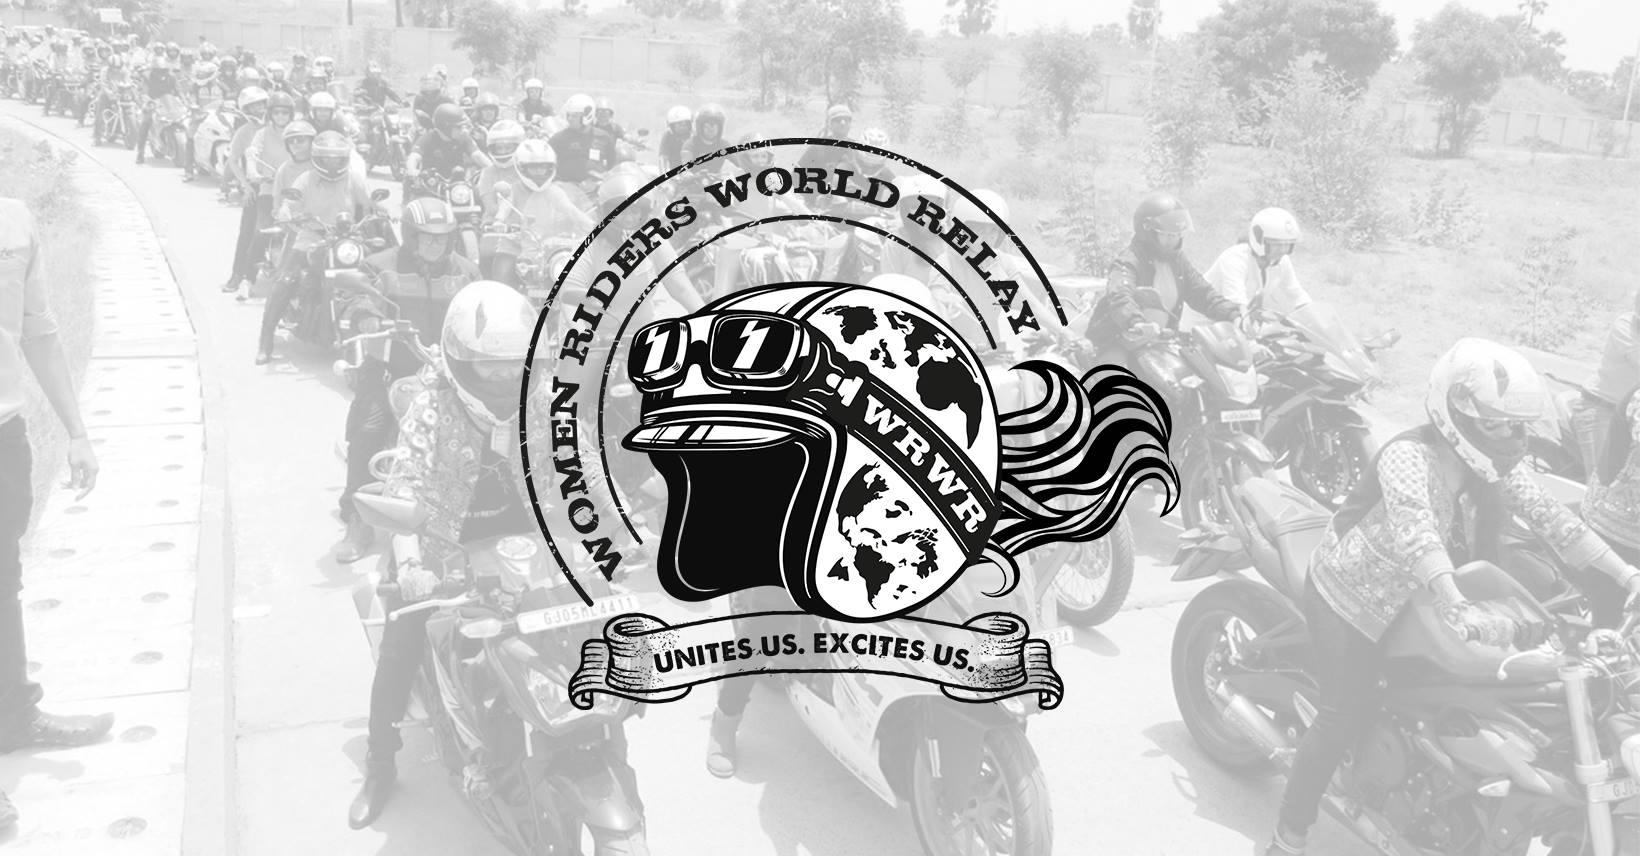 Women Riders World Relay: las mujeres quieren ser tenidas en cuenta